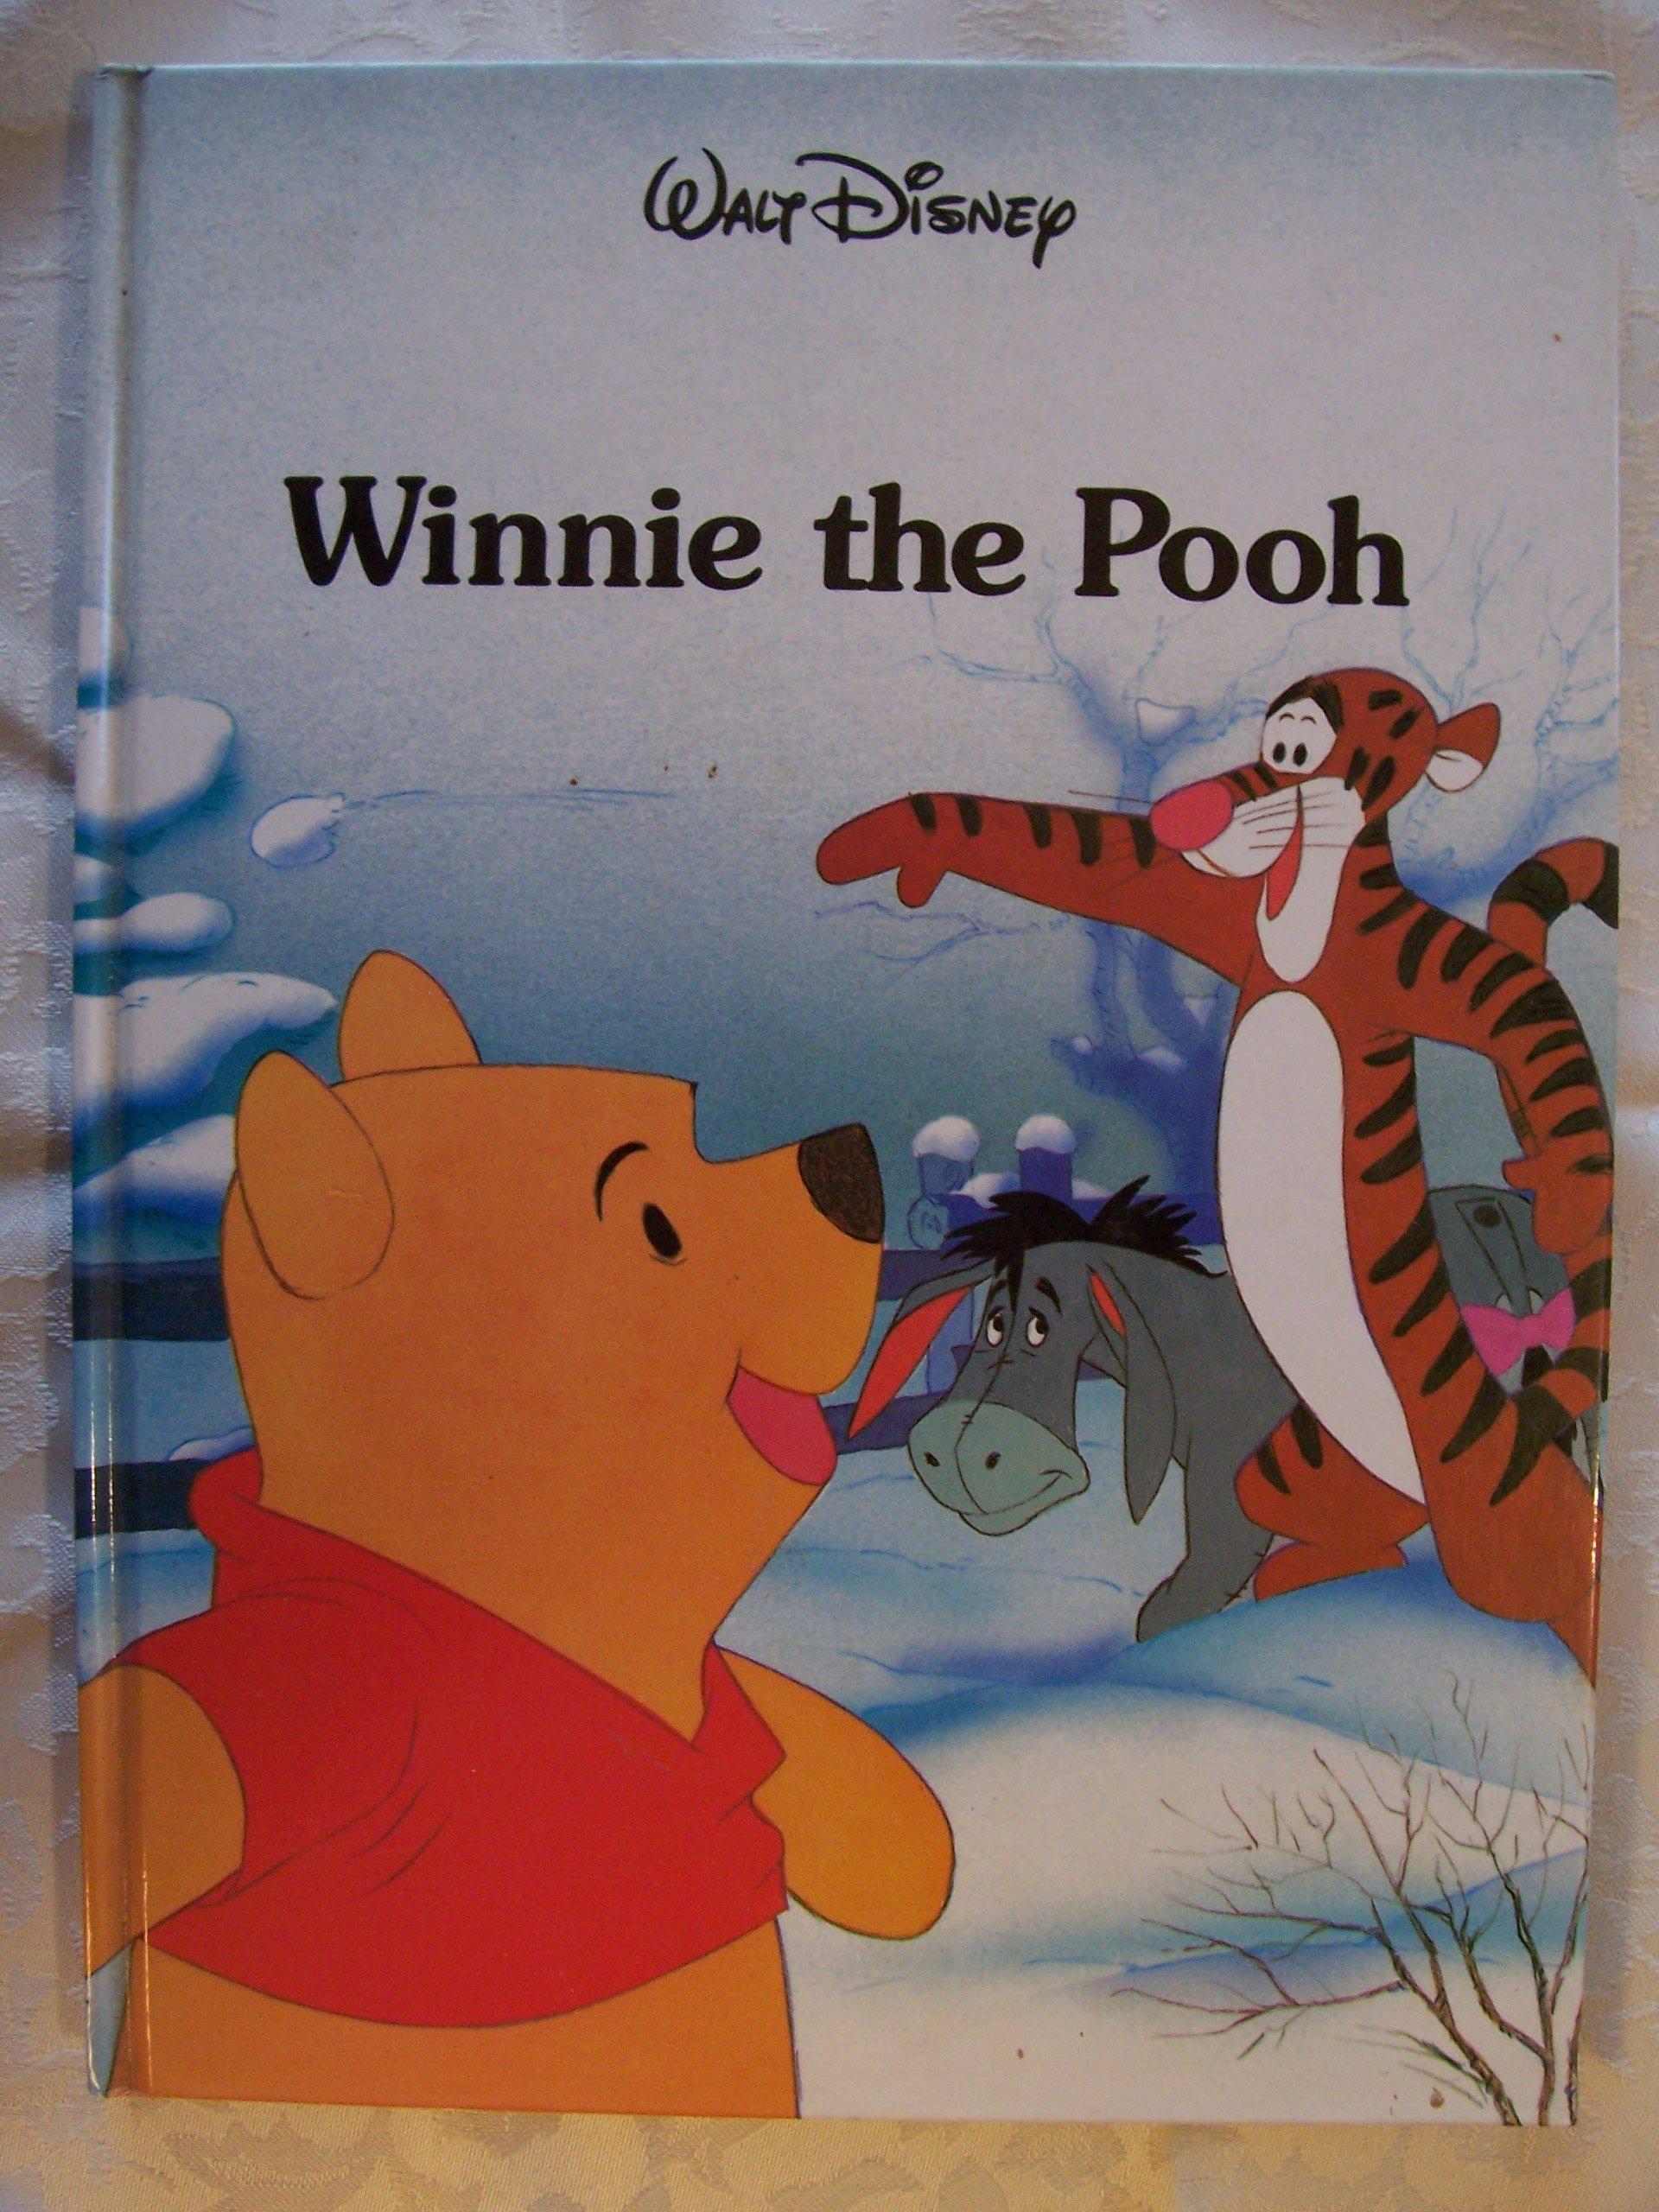 af1a38989387 Winnie the Pooh (Disney Classic)  Disney  9780831794705  Amazon.com ...